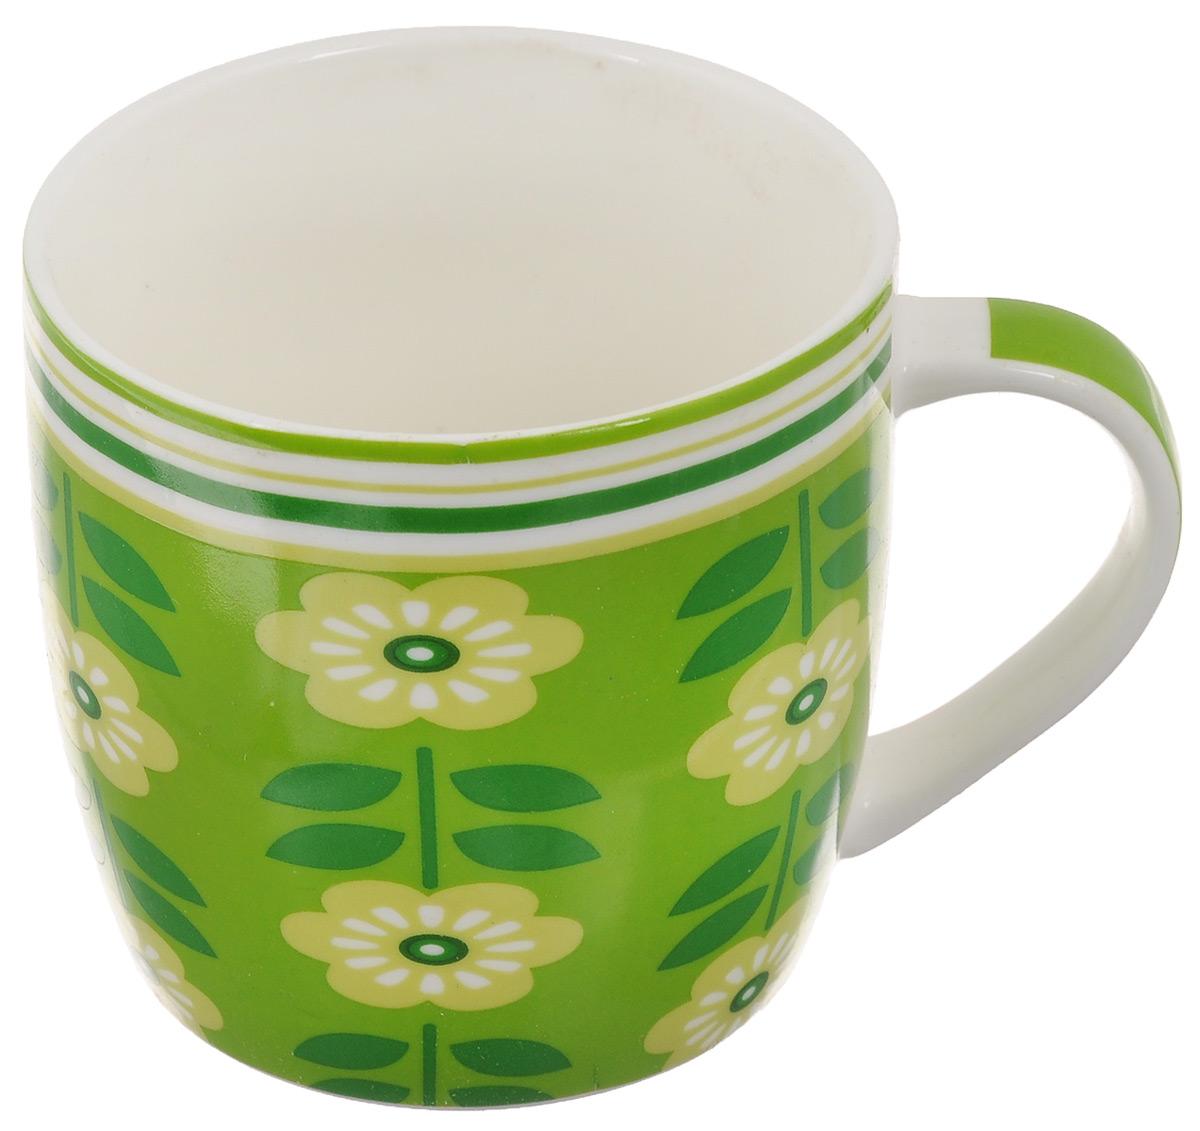 Кружка Loraine Цветы, цвет: зеленый, салатовый, белый, 320 мл54 009312Оригинальная кружка Loraine Цветы выполнена из костяного фарфора и оформлена красочным изображением. Она станет отличным дополнением к сервировке семейного стола и замечательным подарком для ваших родных и друзей.Диаметр кружки (по верхнему краю): 8,5 см.Высота кружки: 8,4 см.